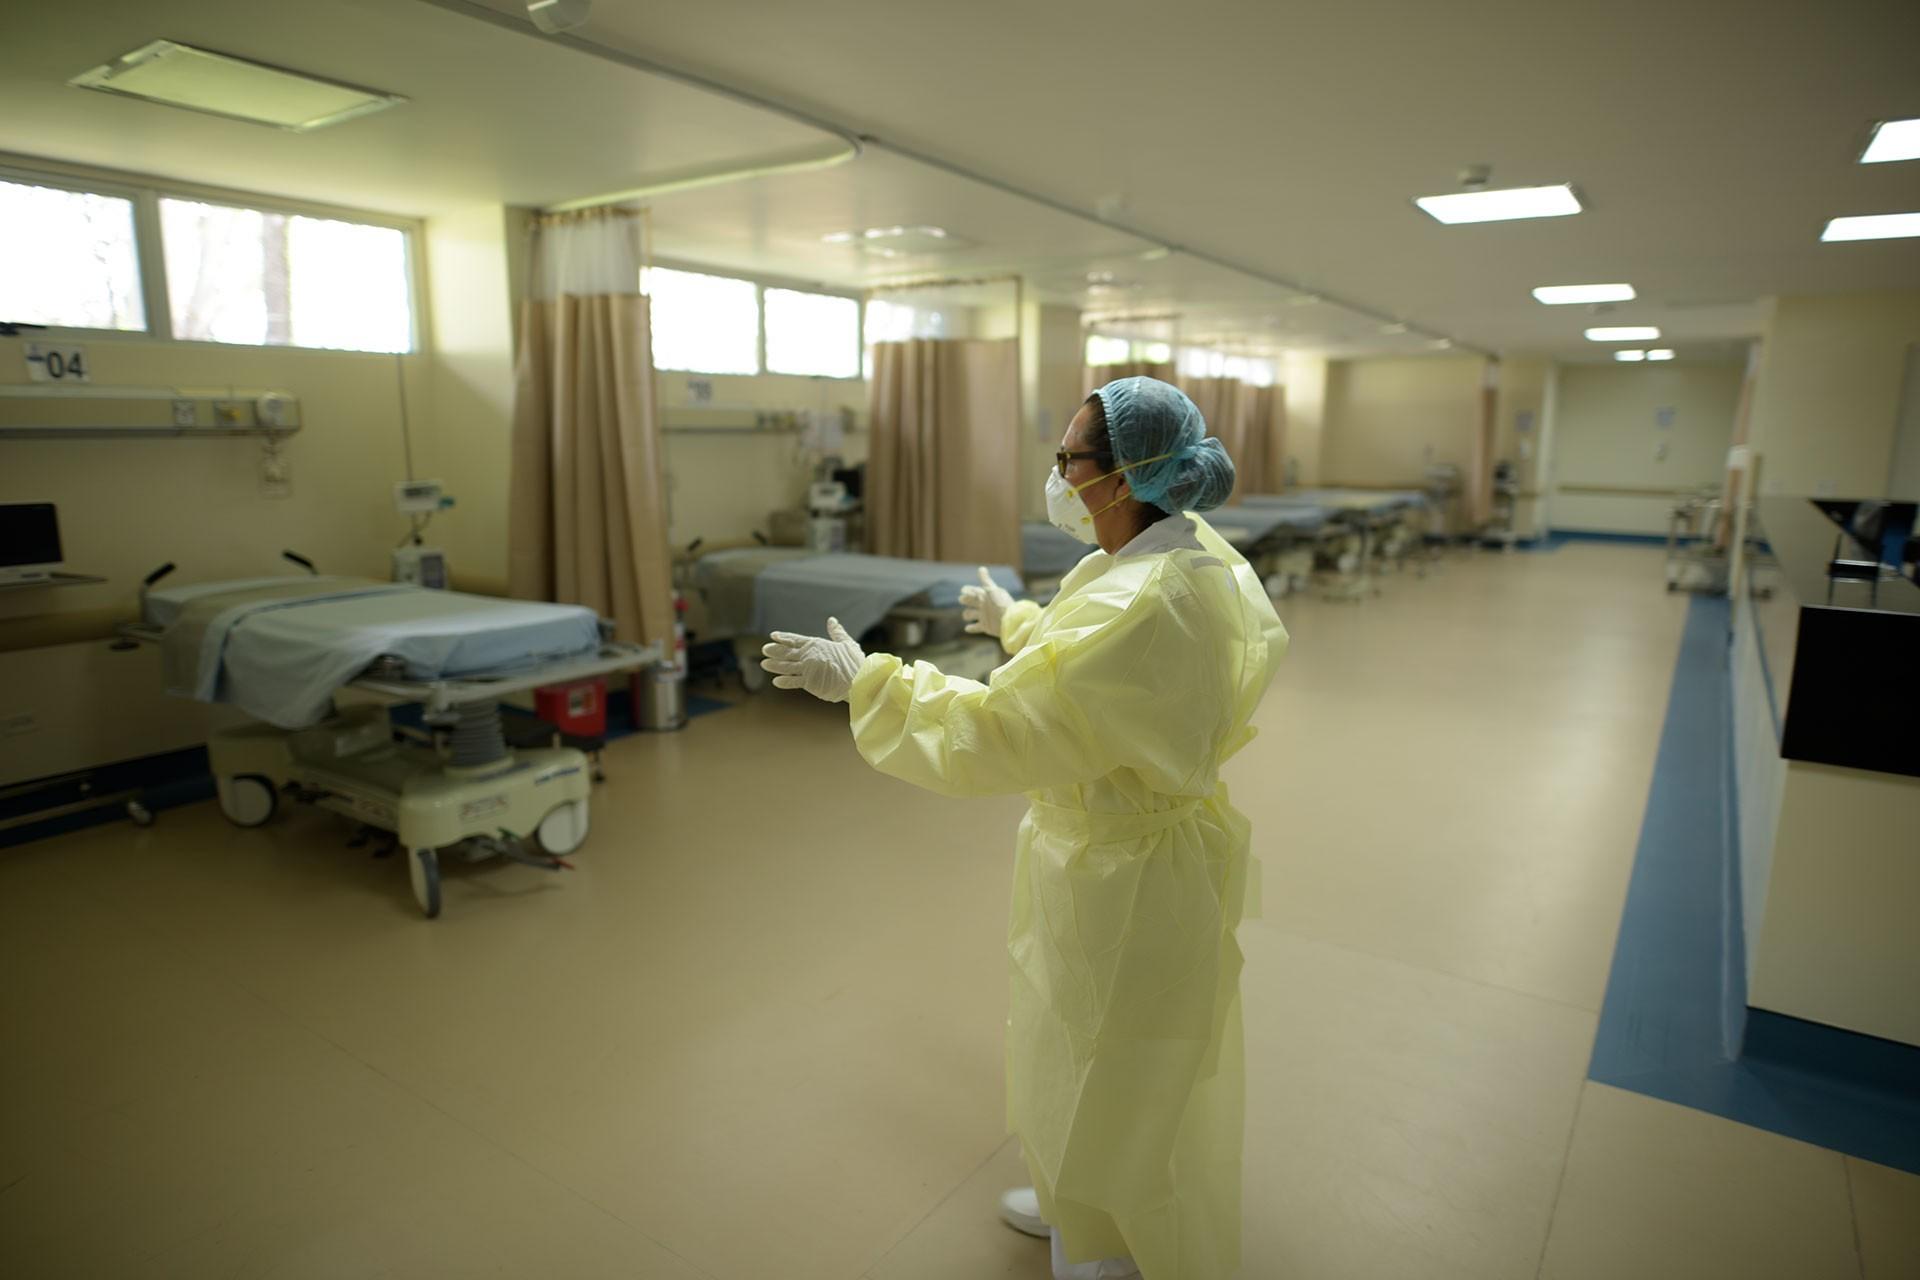 Bir sağlık çalışanı ve boş bir hastane odası